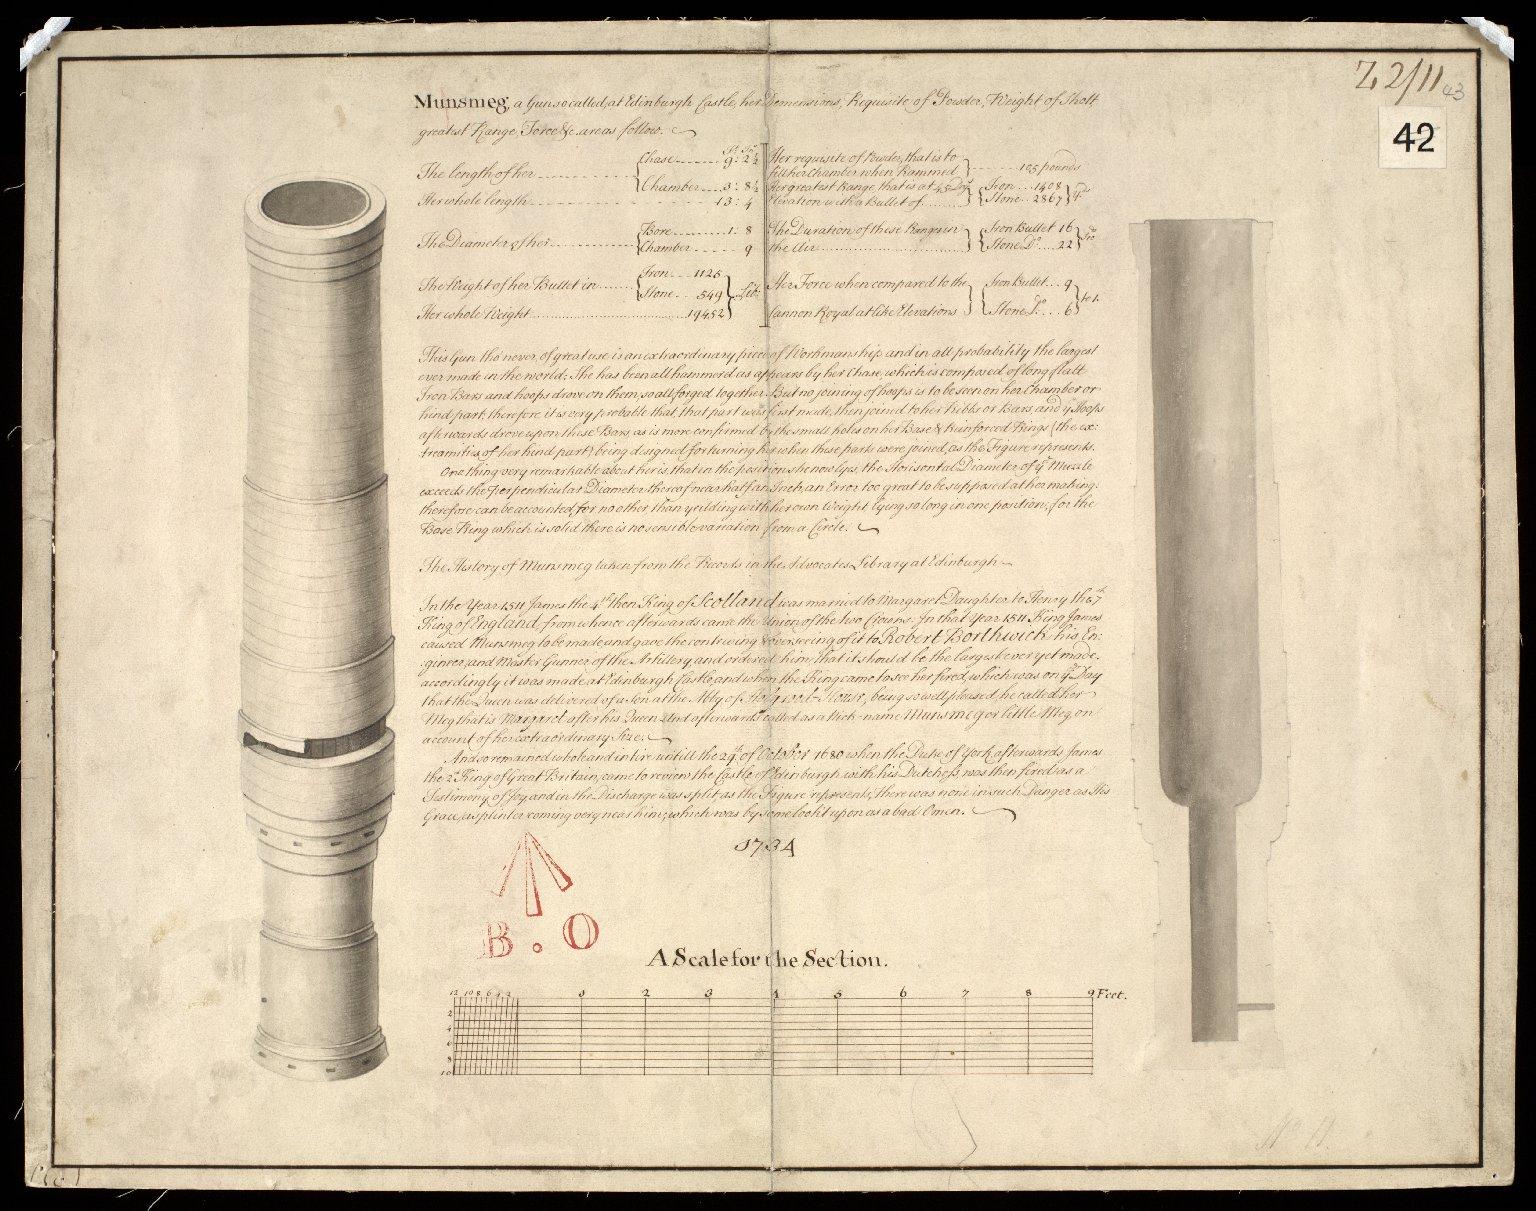 Munsmeg, a Gun so called at Edinburgh Castle [1 of 1]